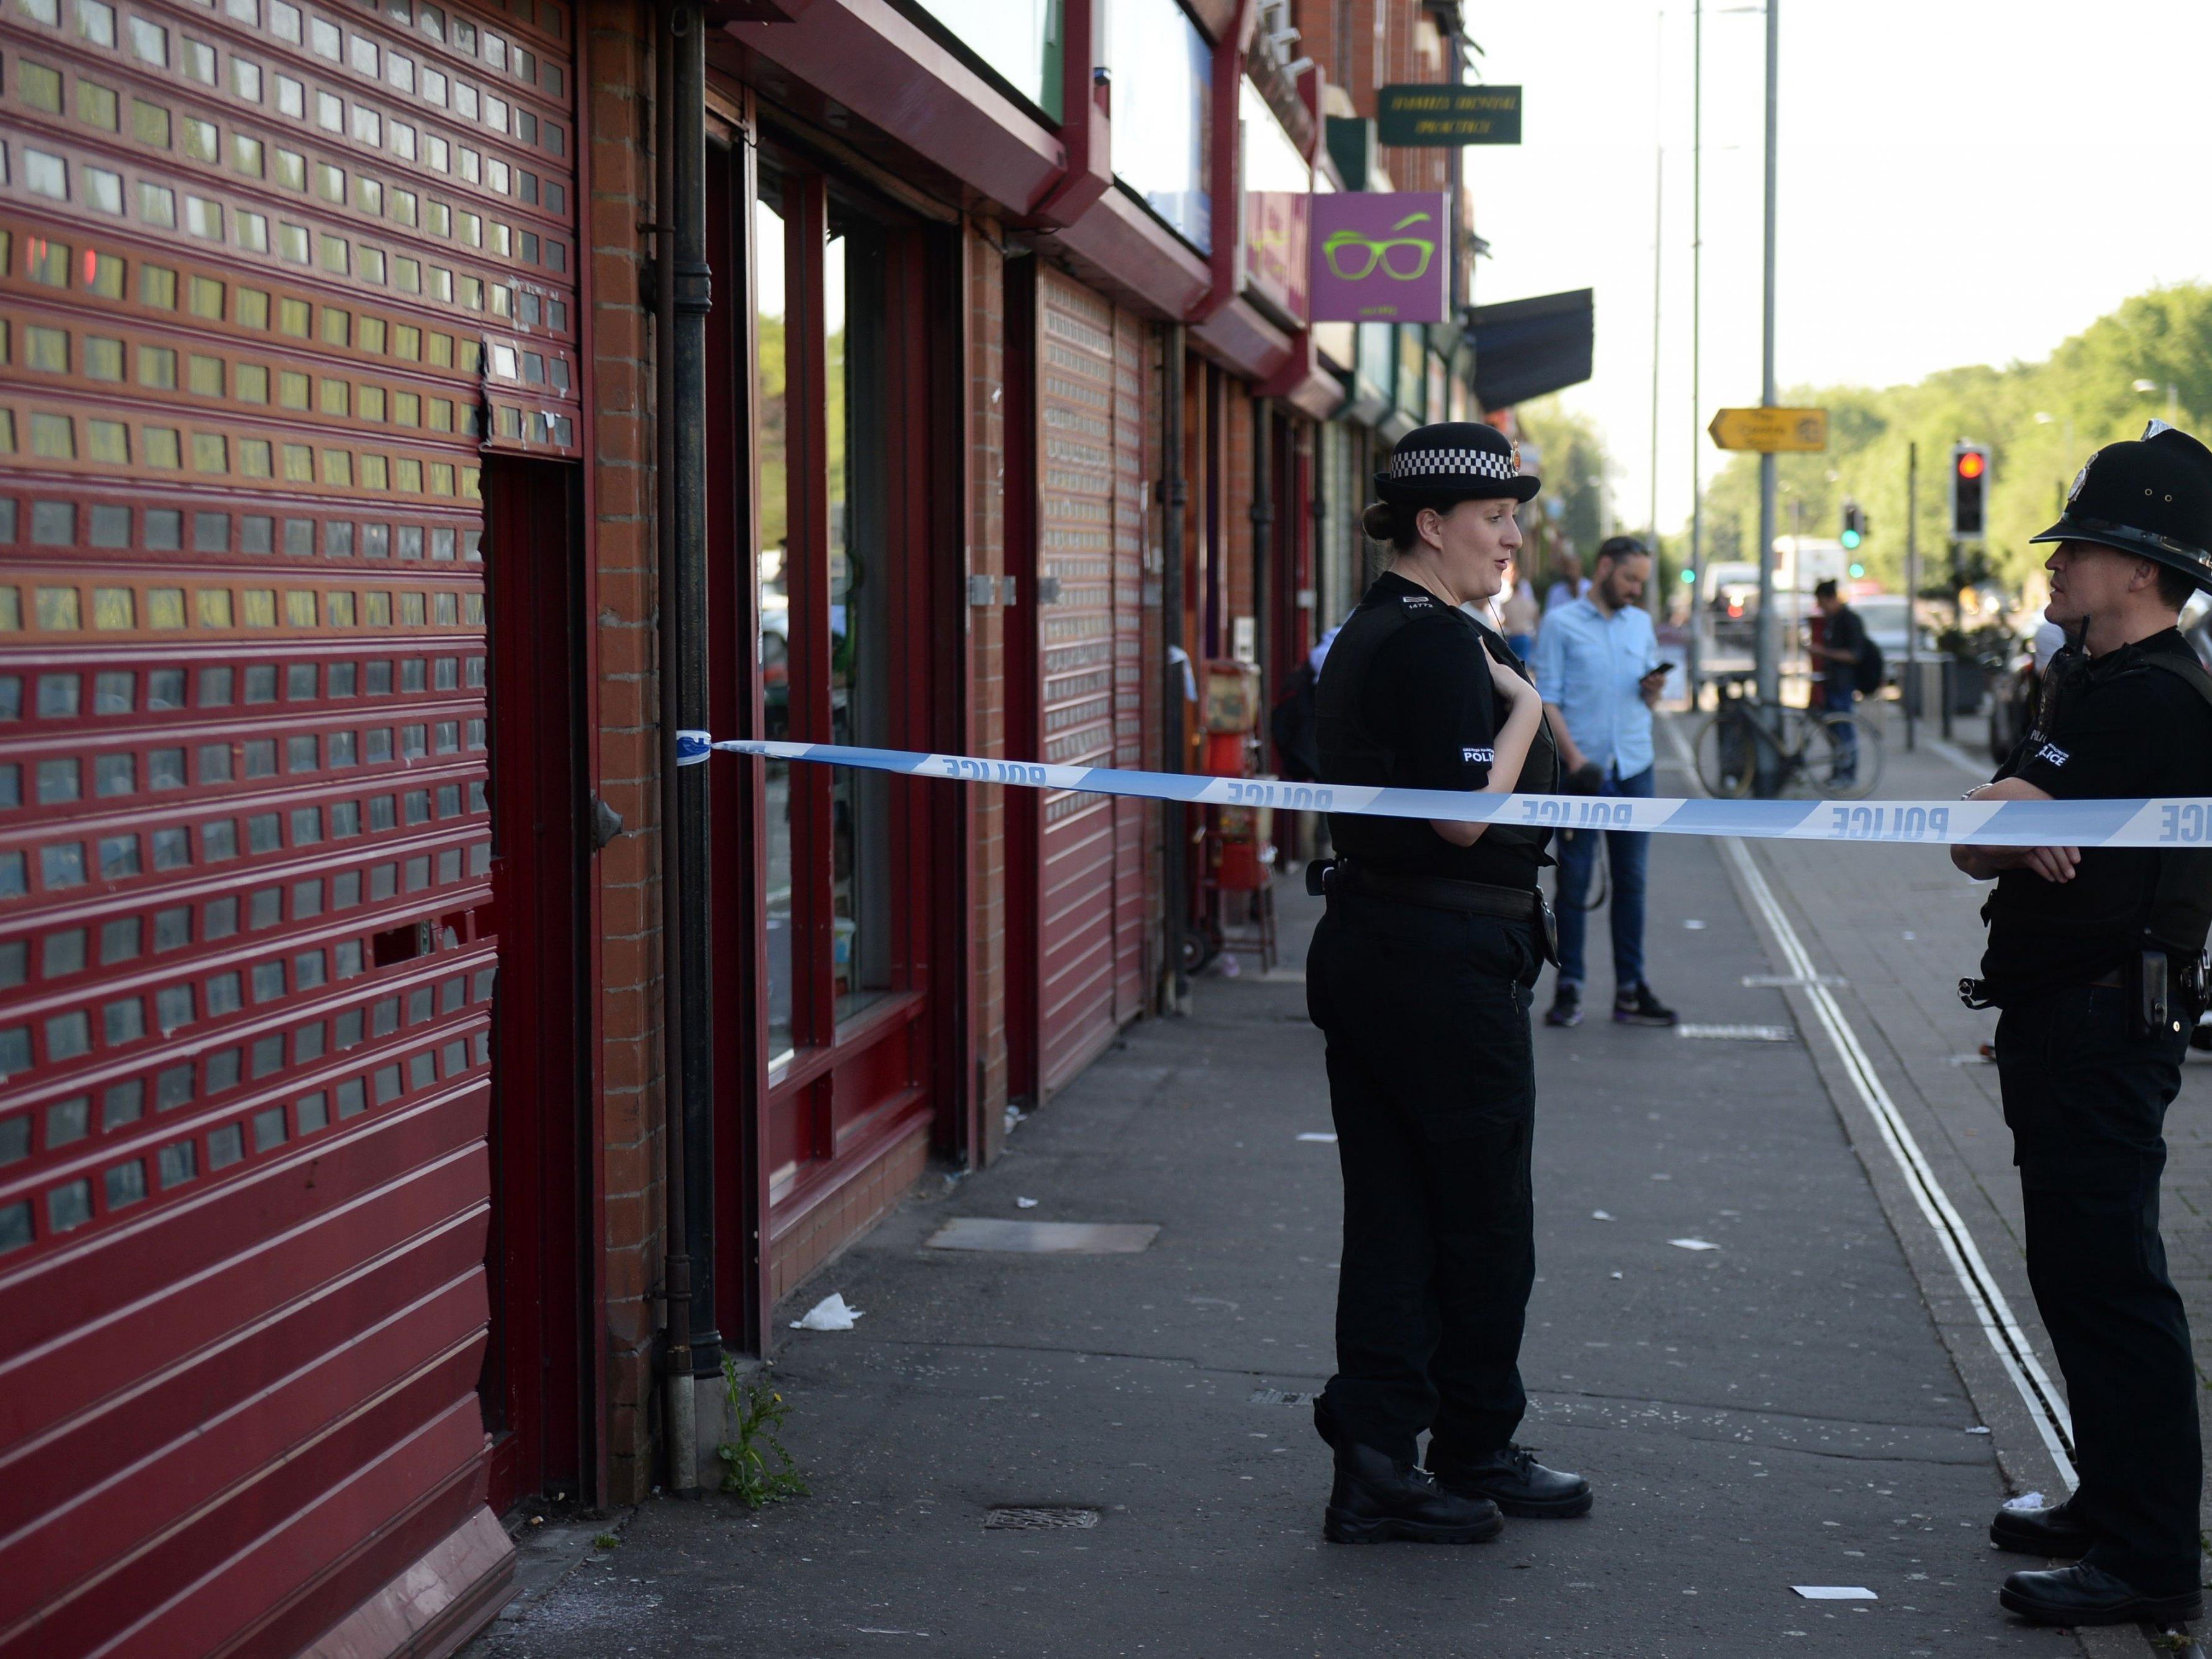 Die Ermittlungen nach dem Terroranschlag von Manchester laufen.